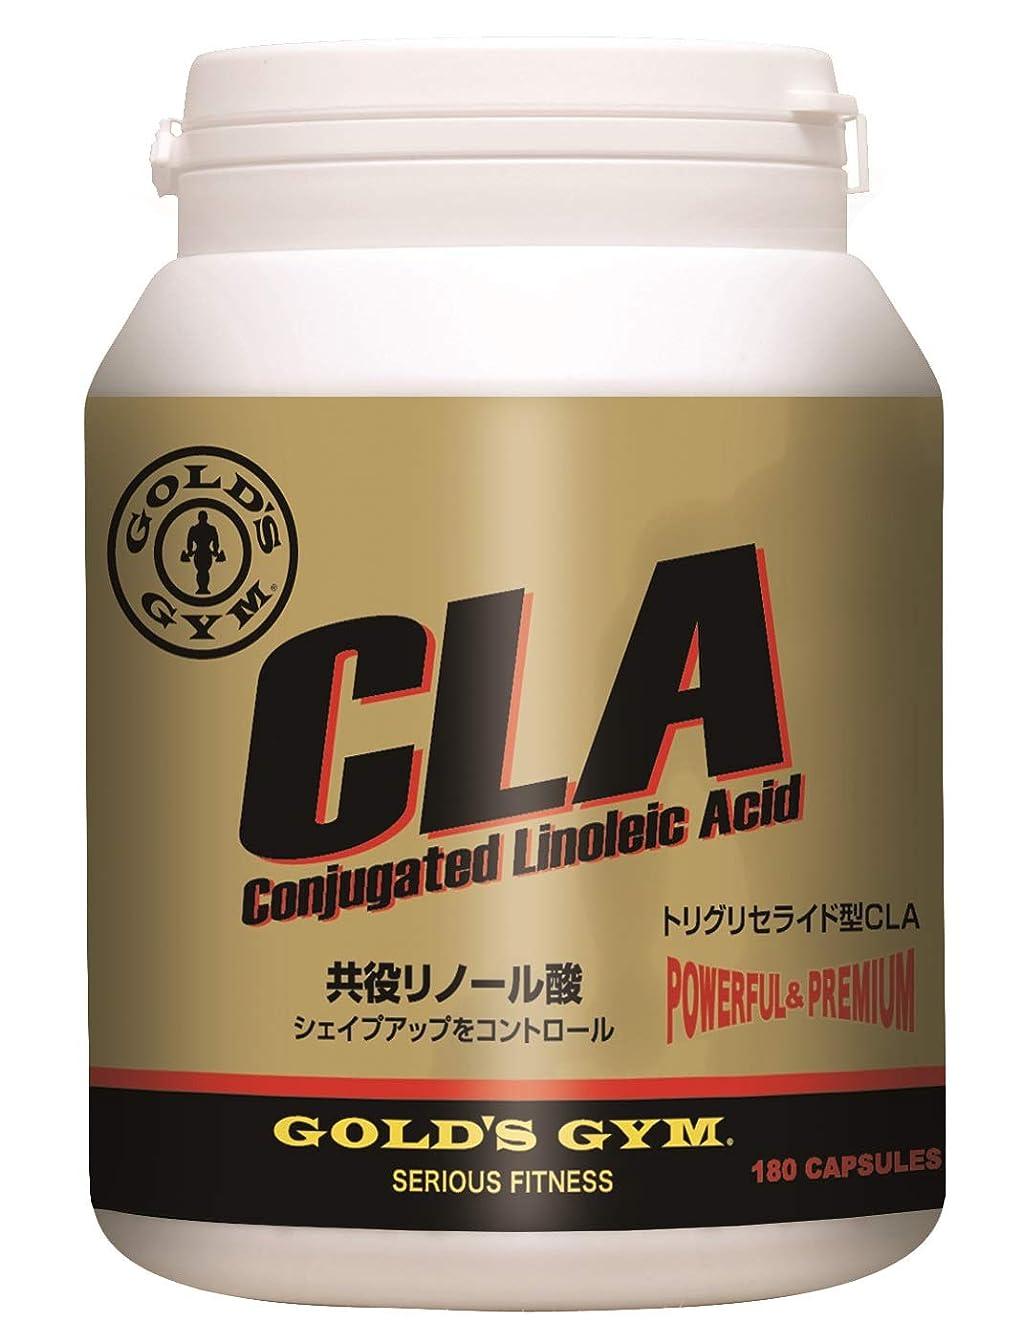 膿瘍アリーナ境界ゴールドジム(GOLD'S GYM) CLA共役リノール酸 360粒